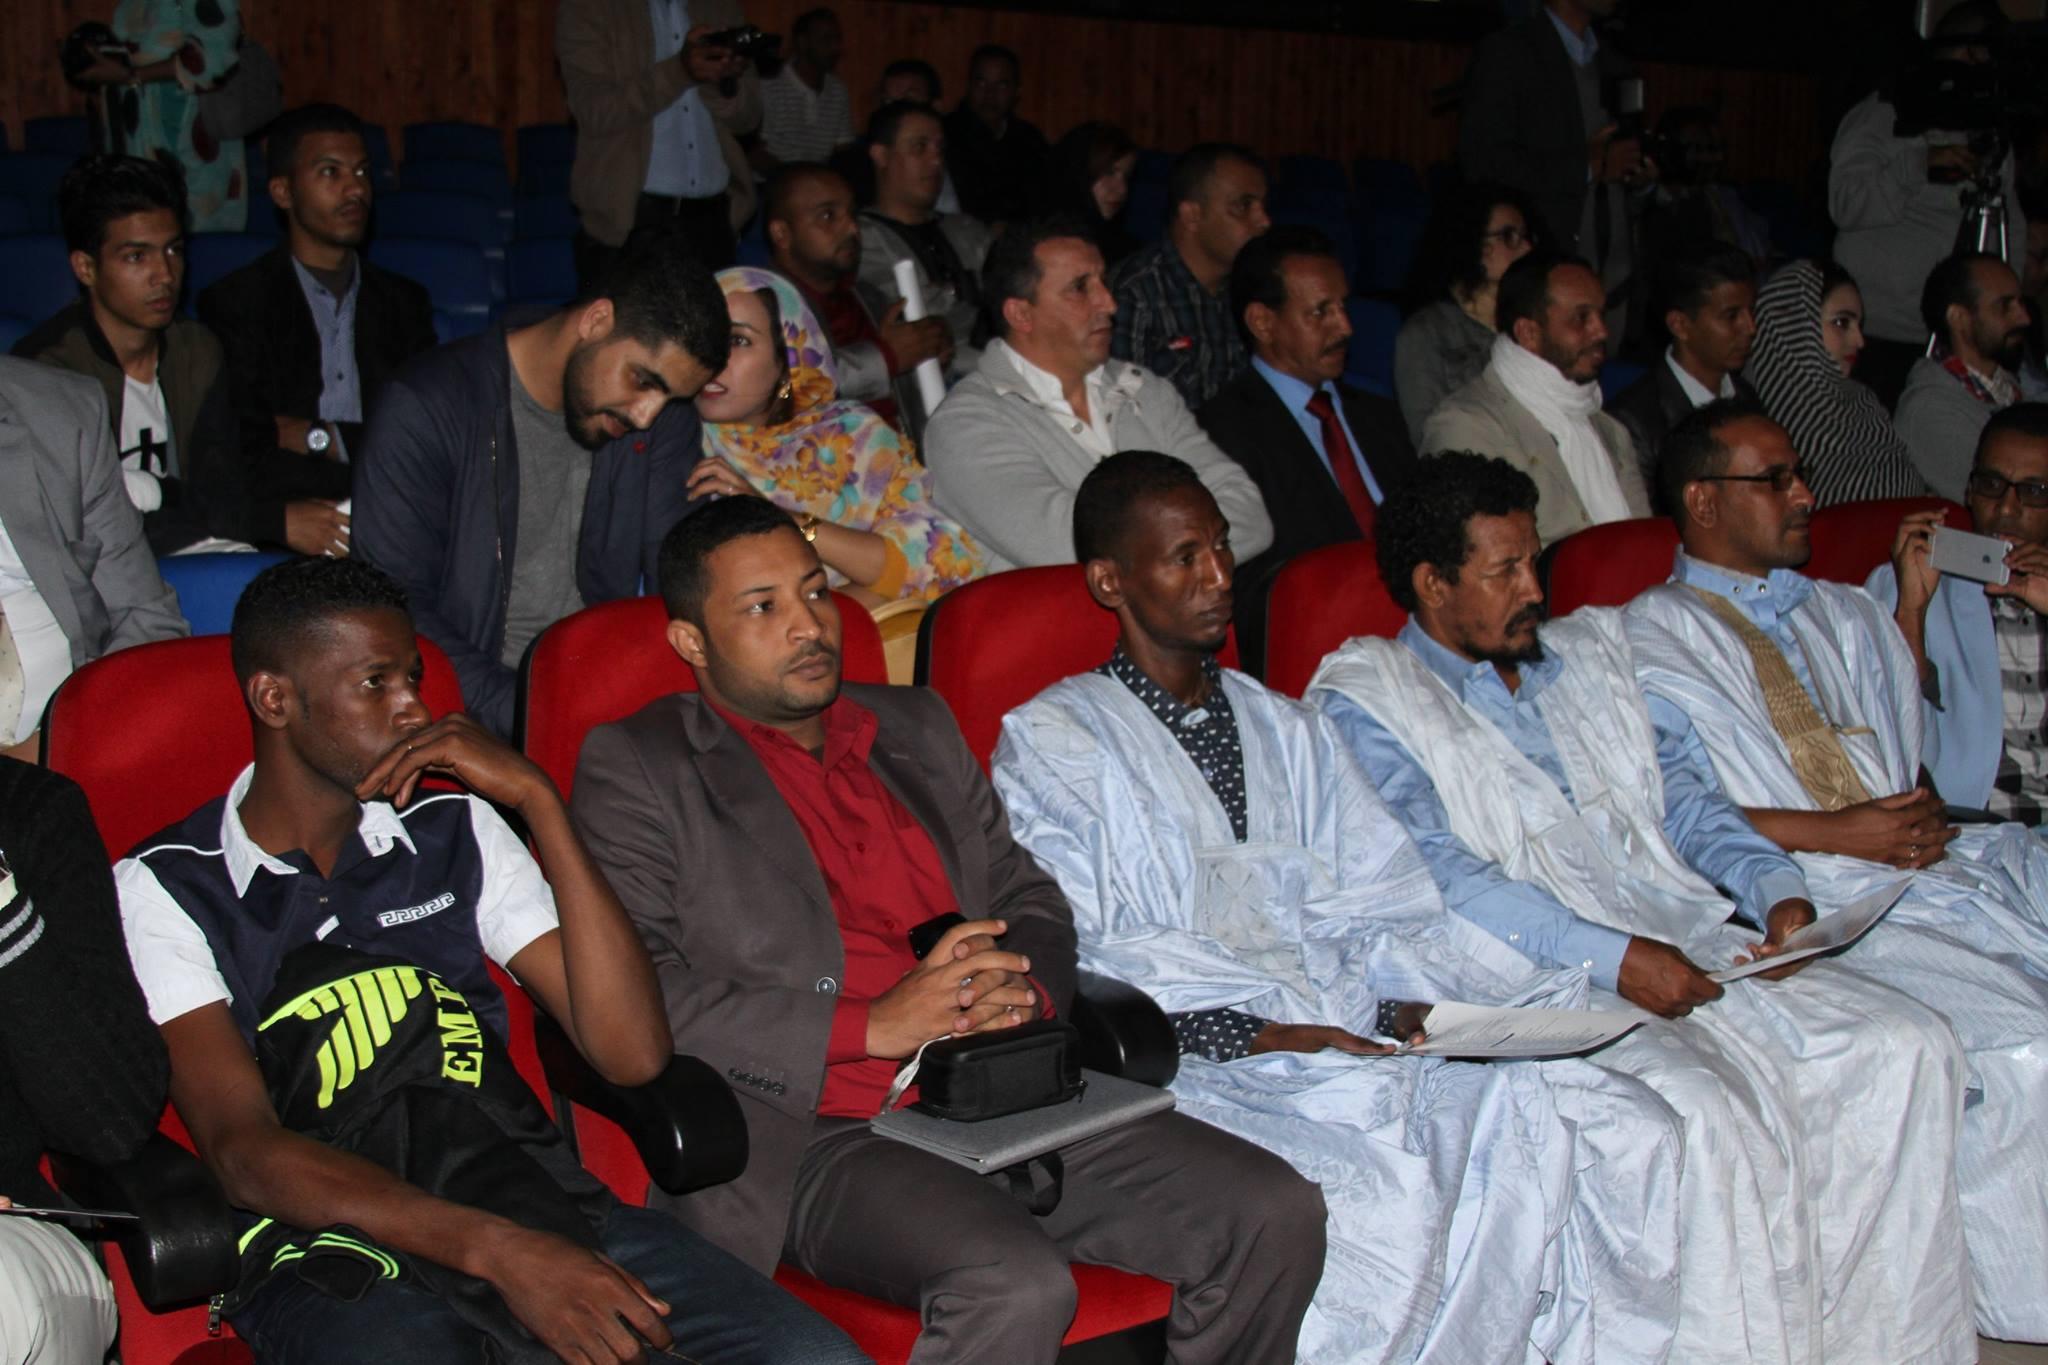 جانب من افتتاح مهرجان المسرح الحساني بمدينة الداخلة والذي يحضره وفد موريتاني كبير وهو من تنظيم جمعية أنفاس للمسرح الحساني (السراج)